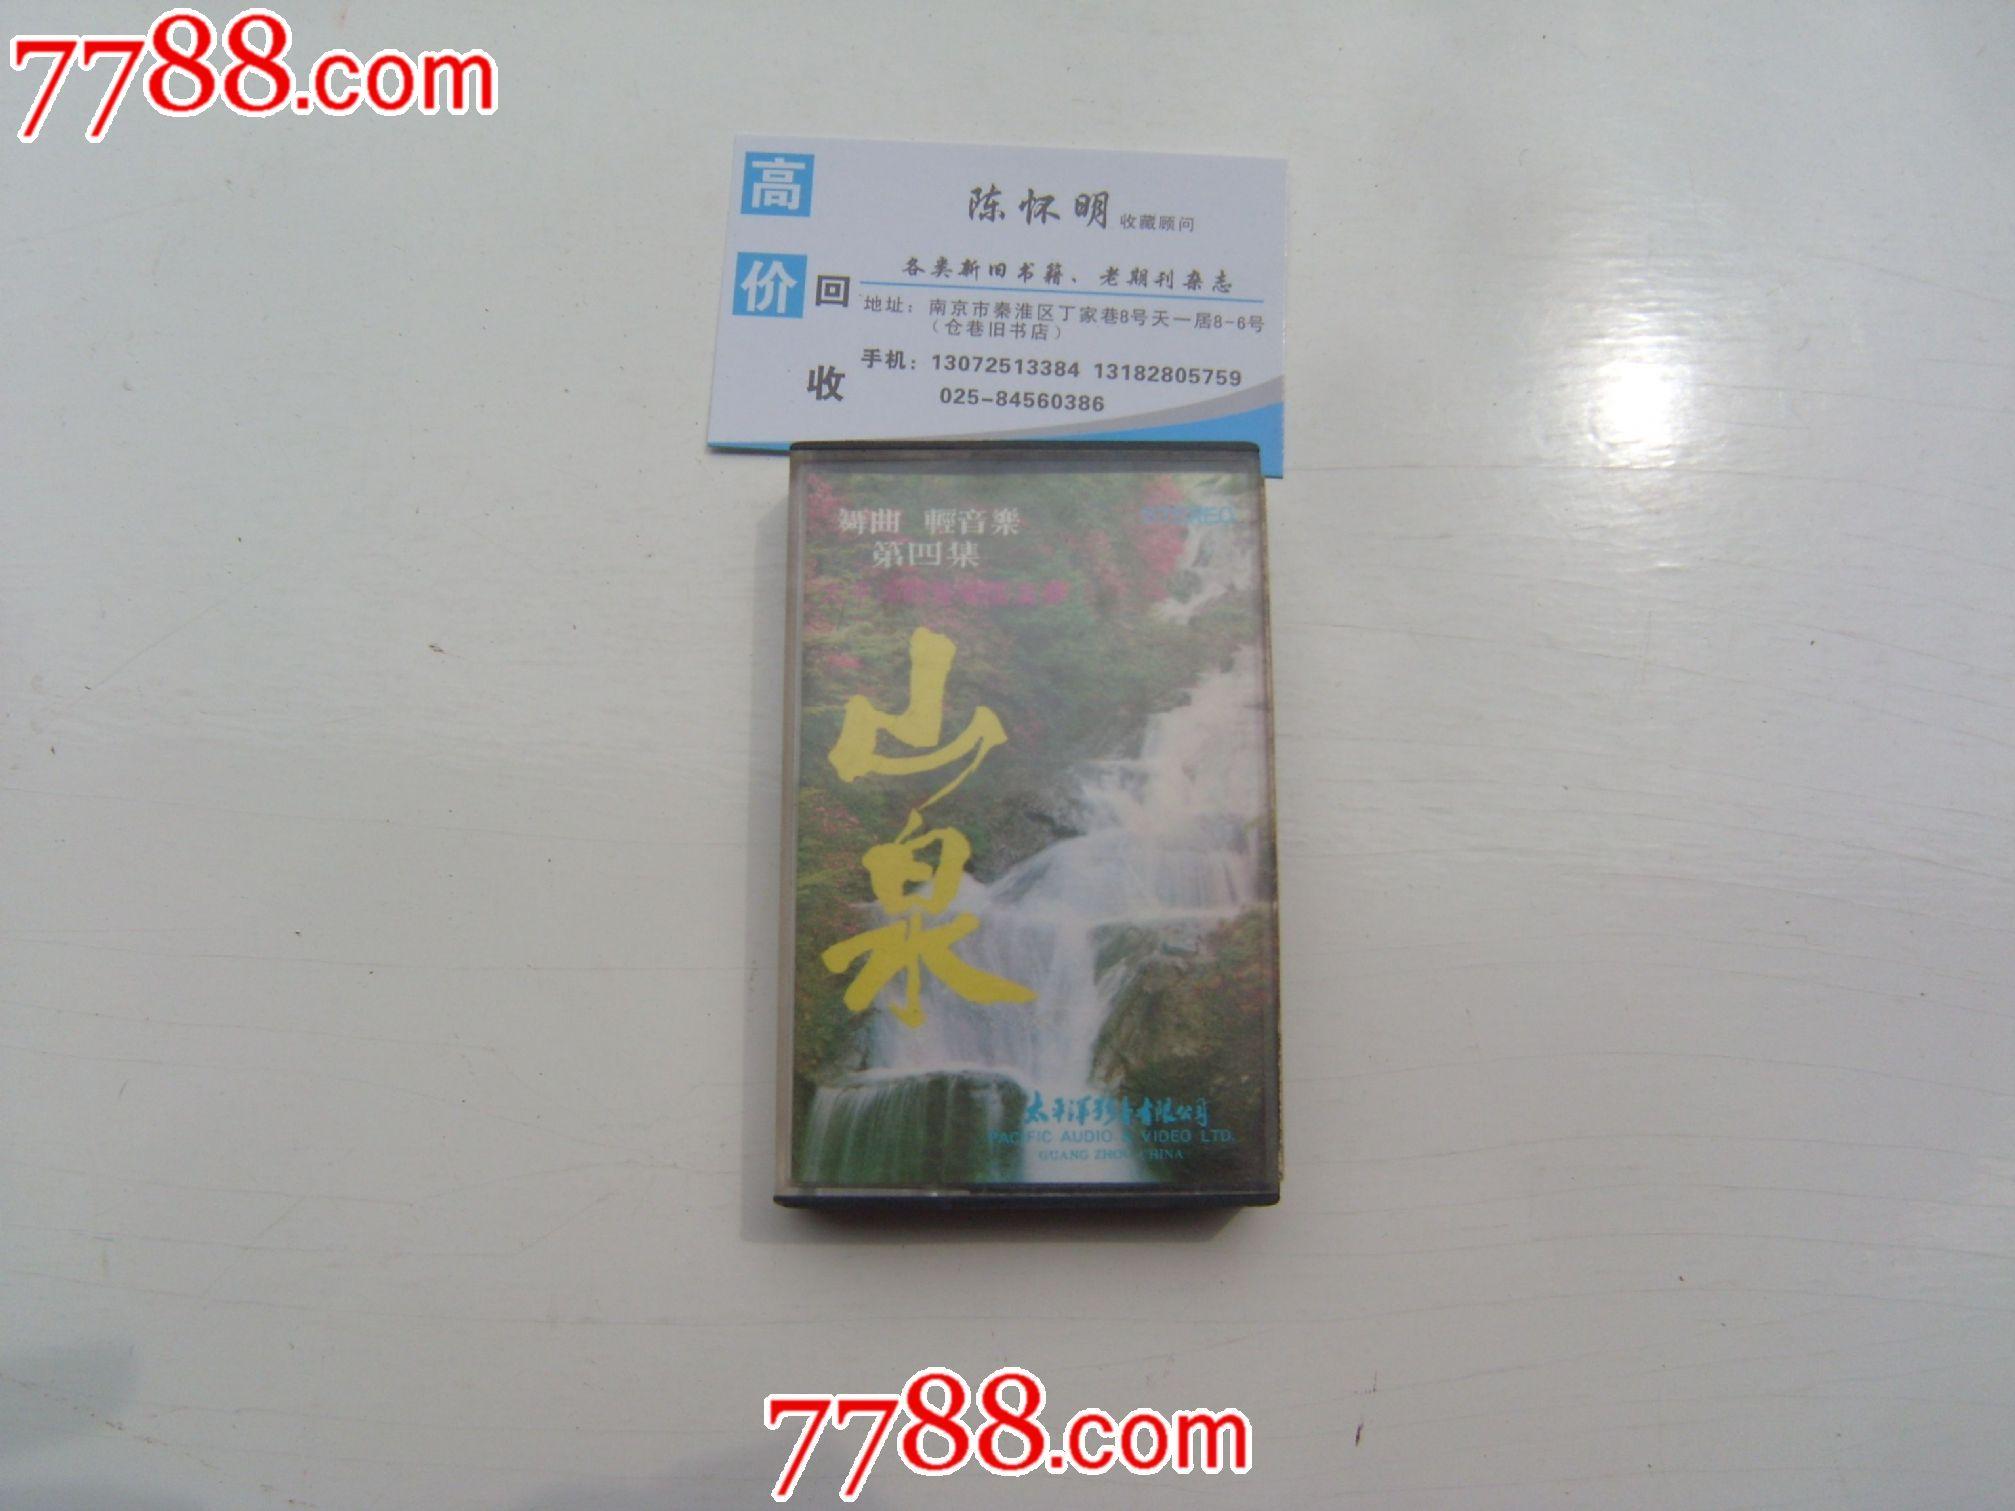 老磁带舞曲轻音乐第四集山泉(无歌词)-价格:15